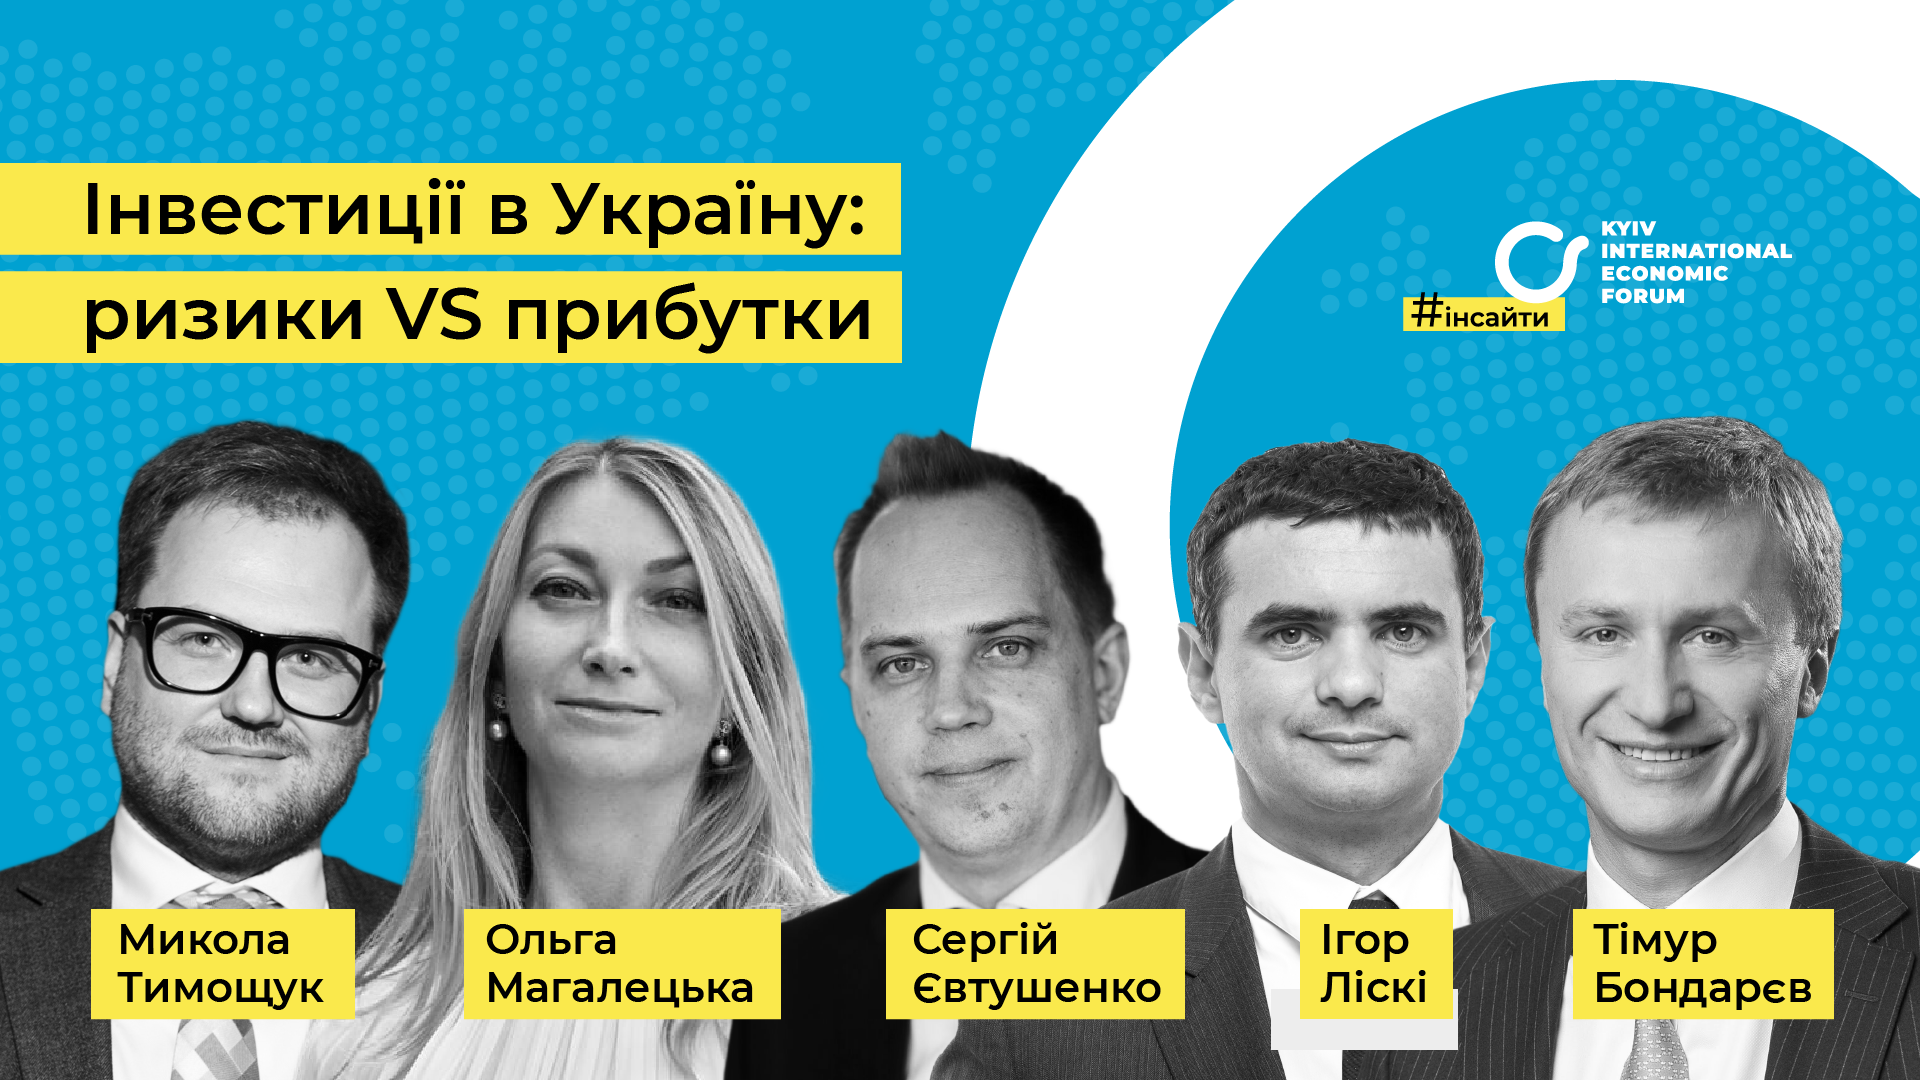 Спикеры КМЭФ рассказали, что необходимо для привлечения инвестиций в экономику Украины